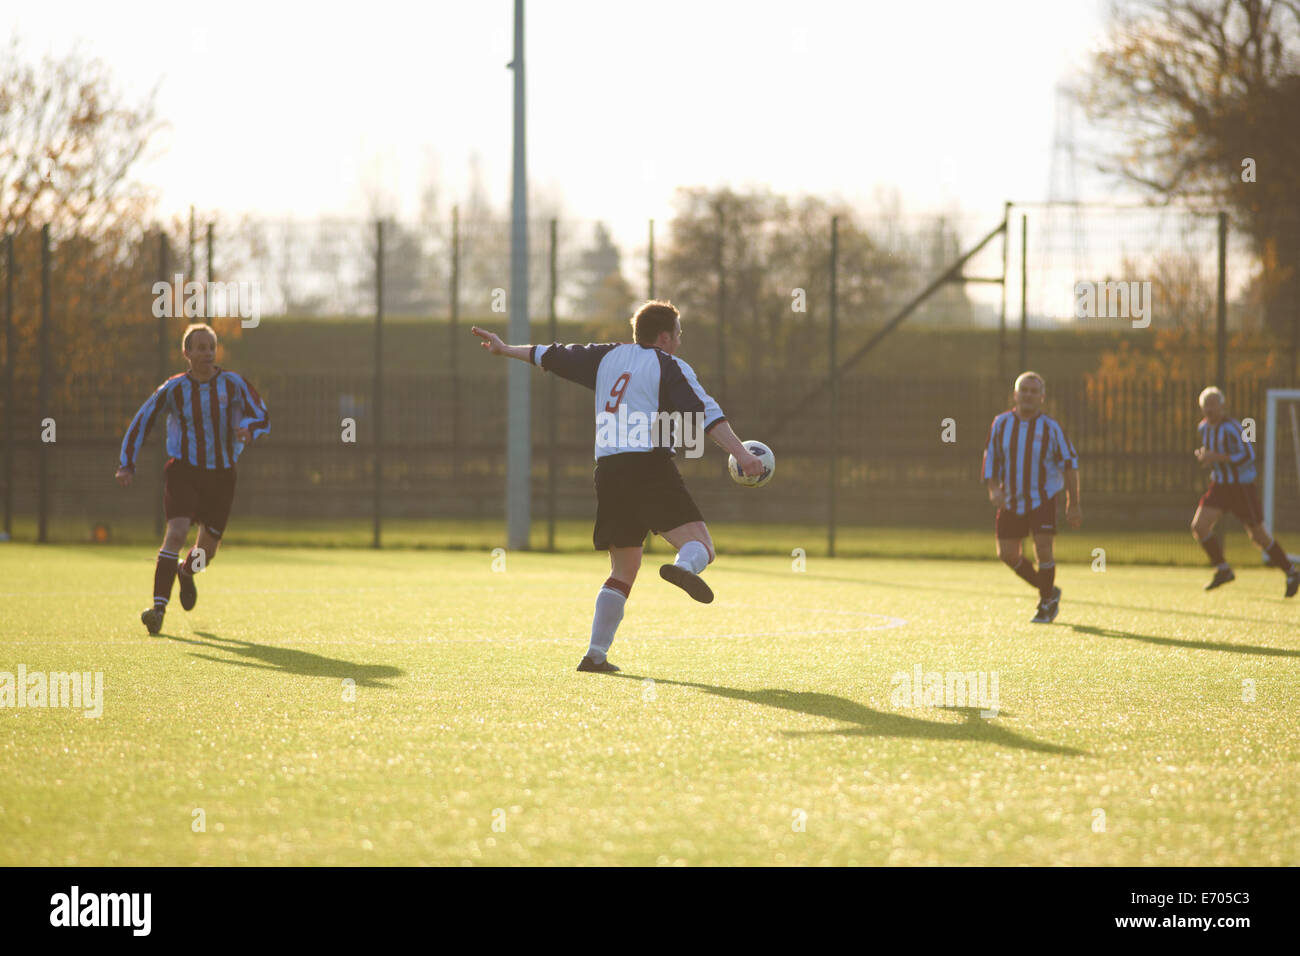 Football player kicking ball - Stock Image